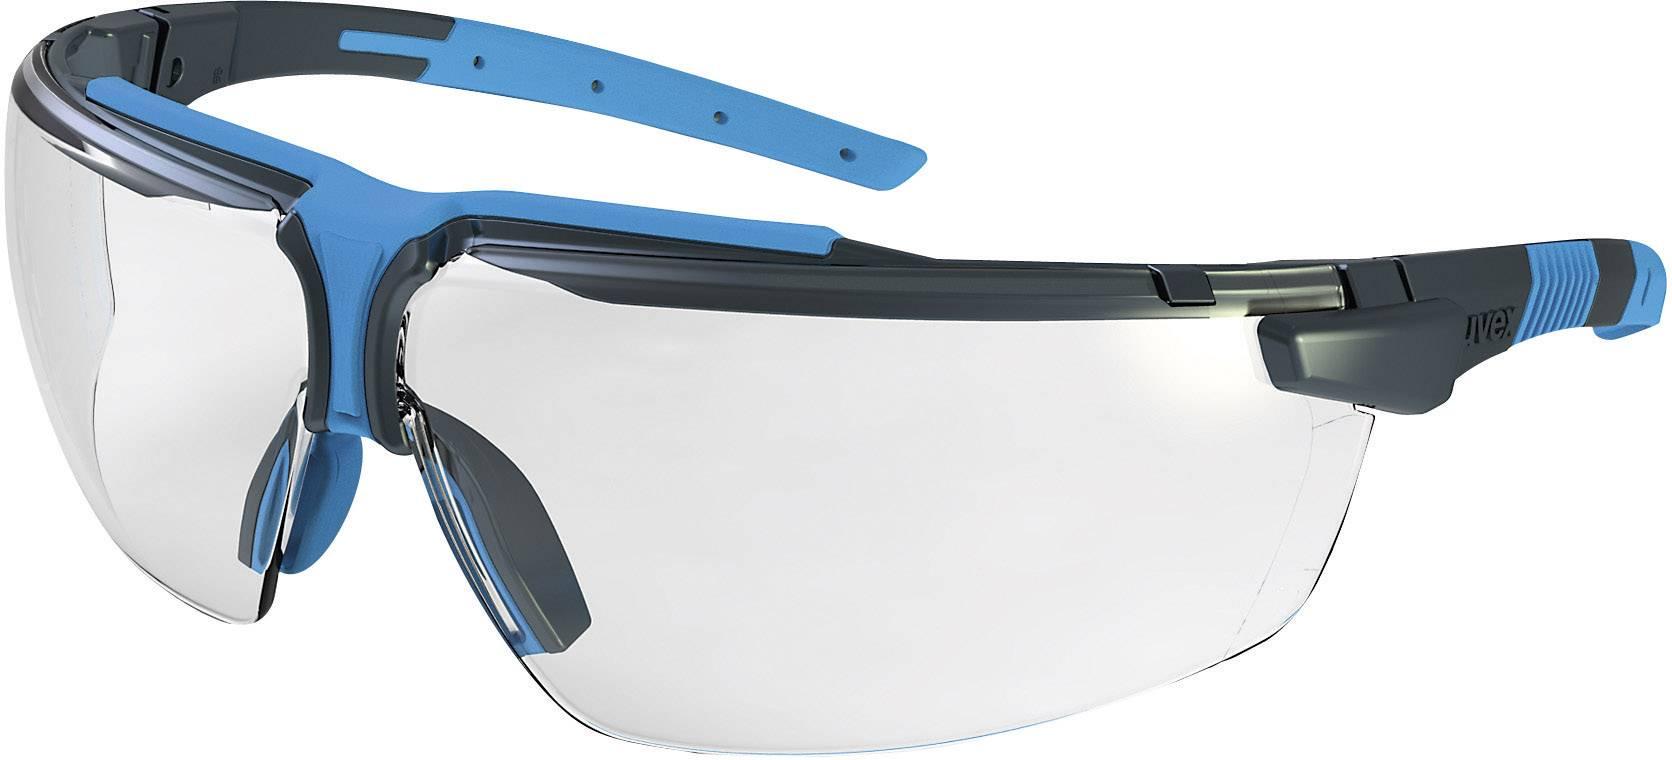 Ochranné okuliare Uvex I-3, čierne/modré